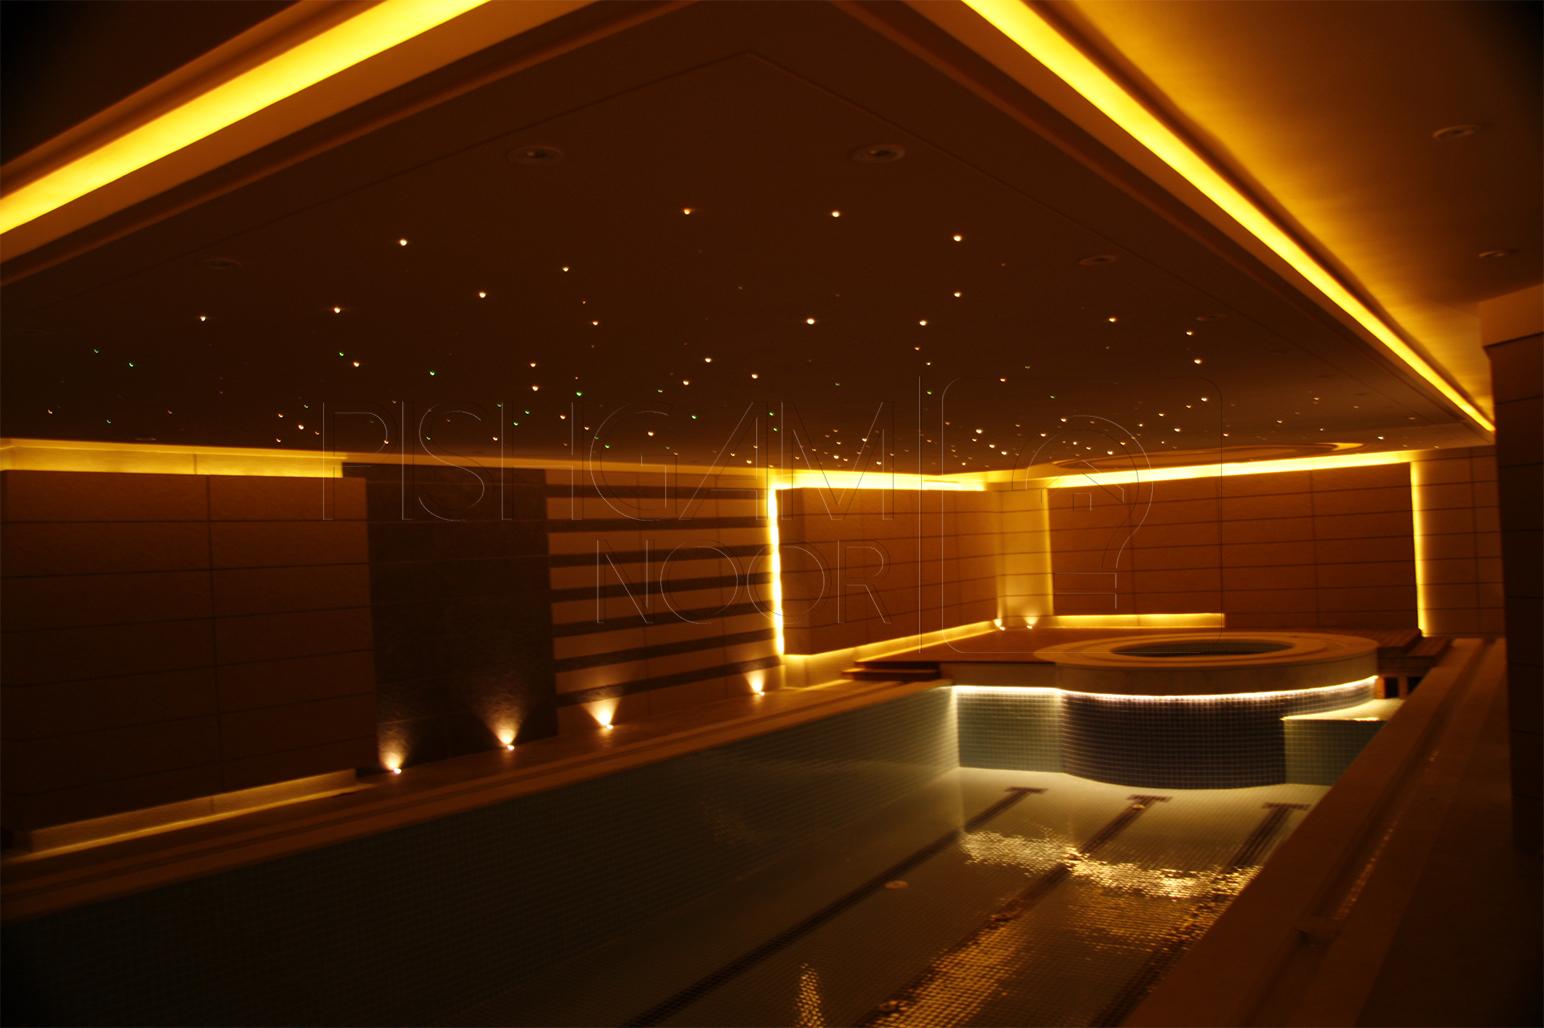 روش نورپردازي استخر ؛ سيستم روشنايي کف، ديوار و سقف استخر